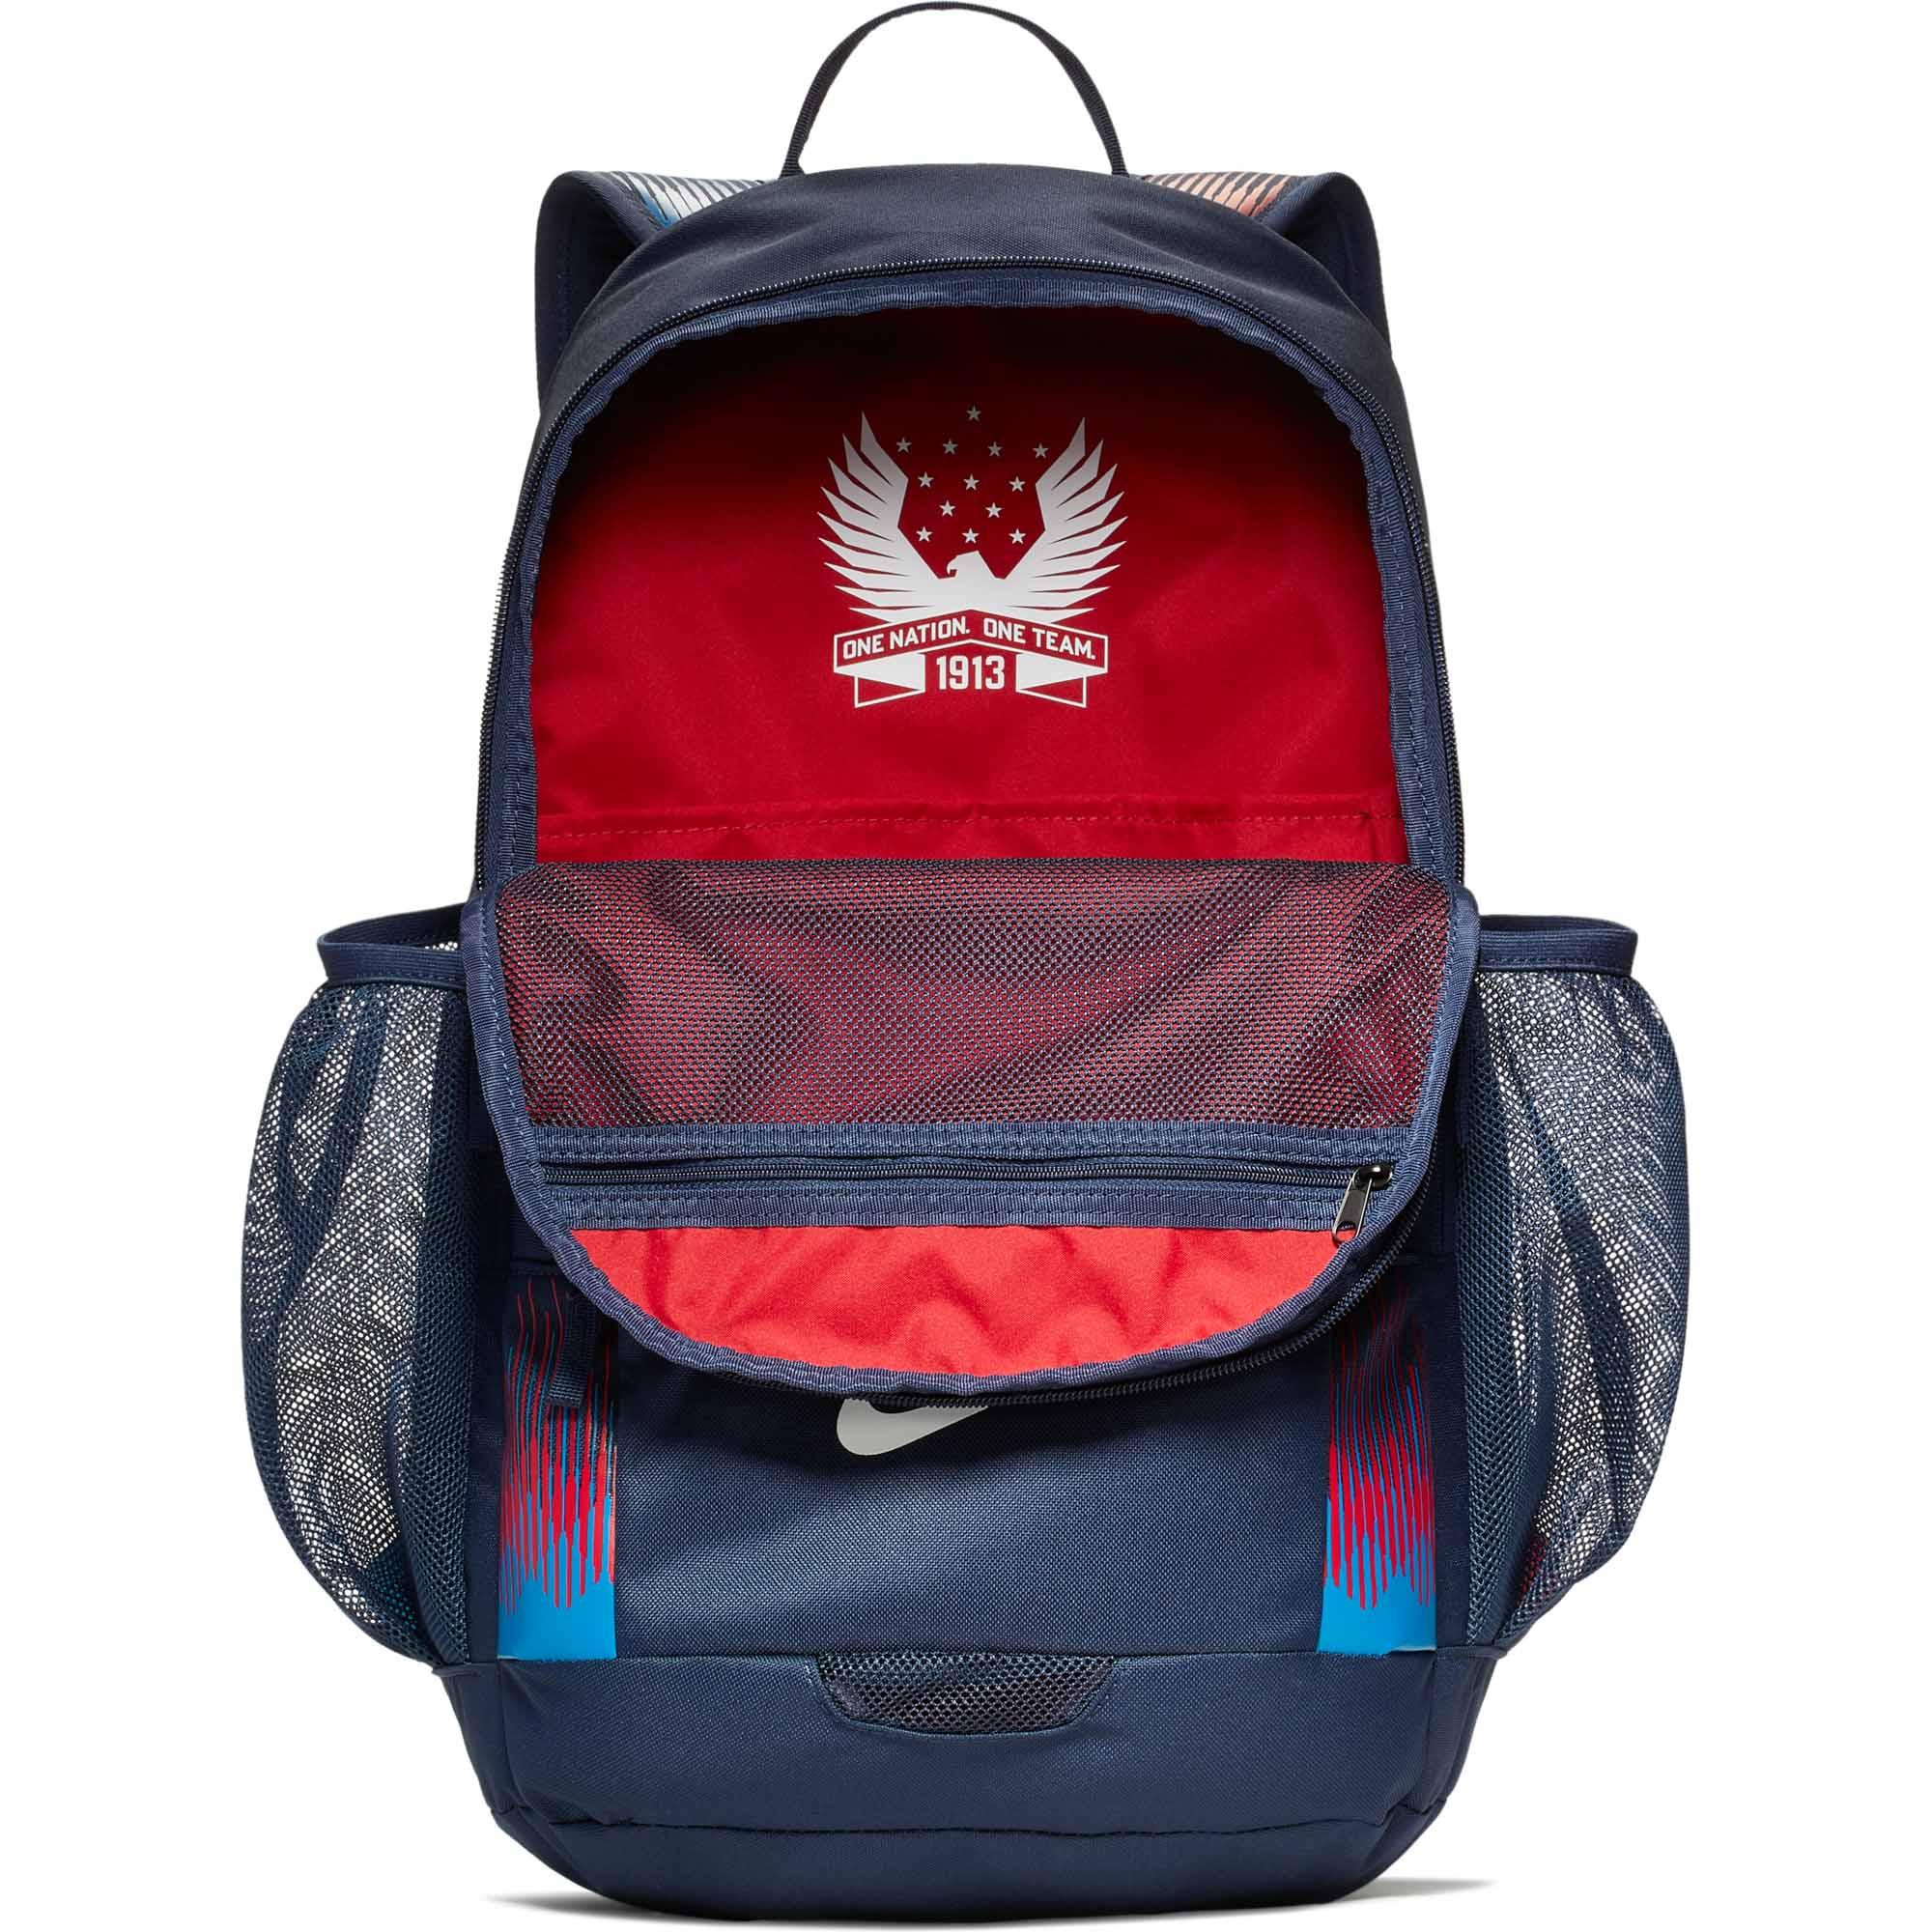 Nike USA Backpack - Midnight Navy/White - Soccer Master